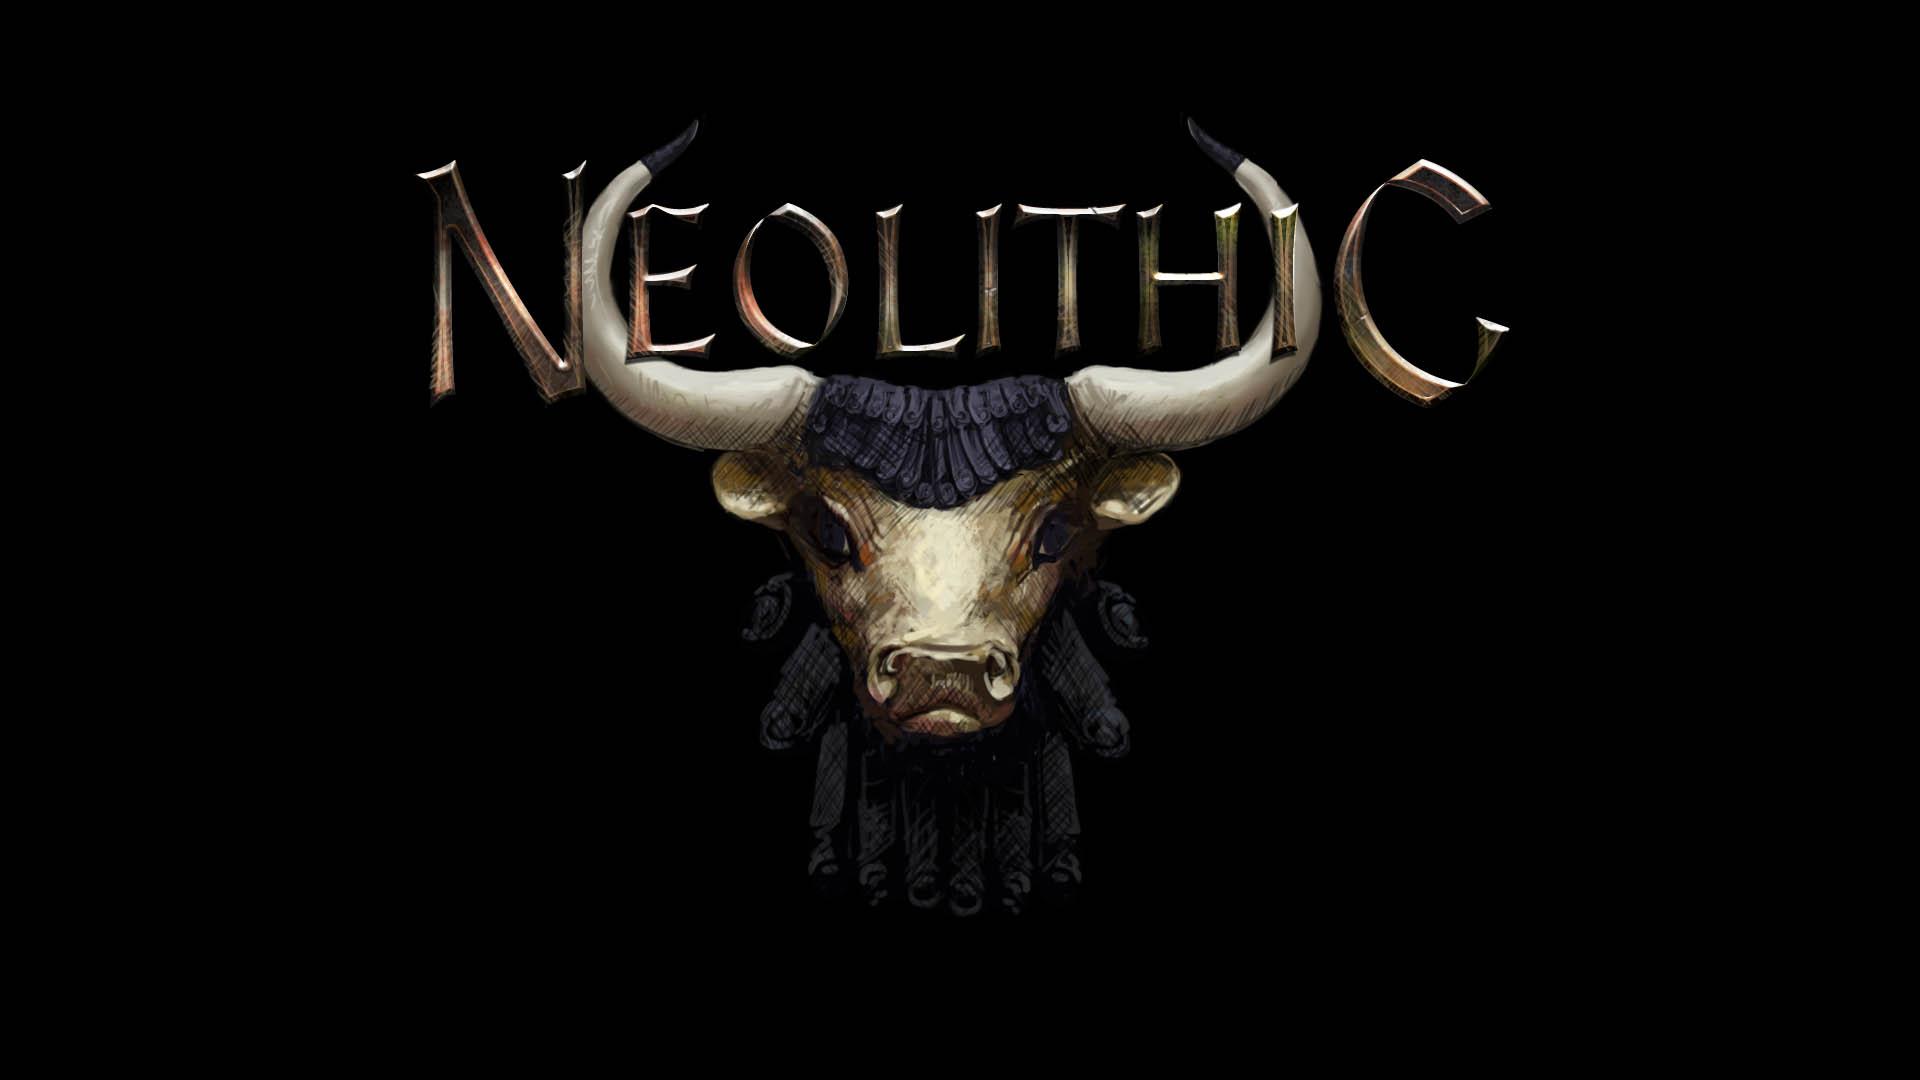 NeolithicBlack.jpg